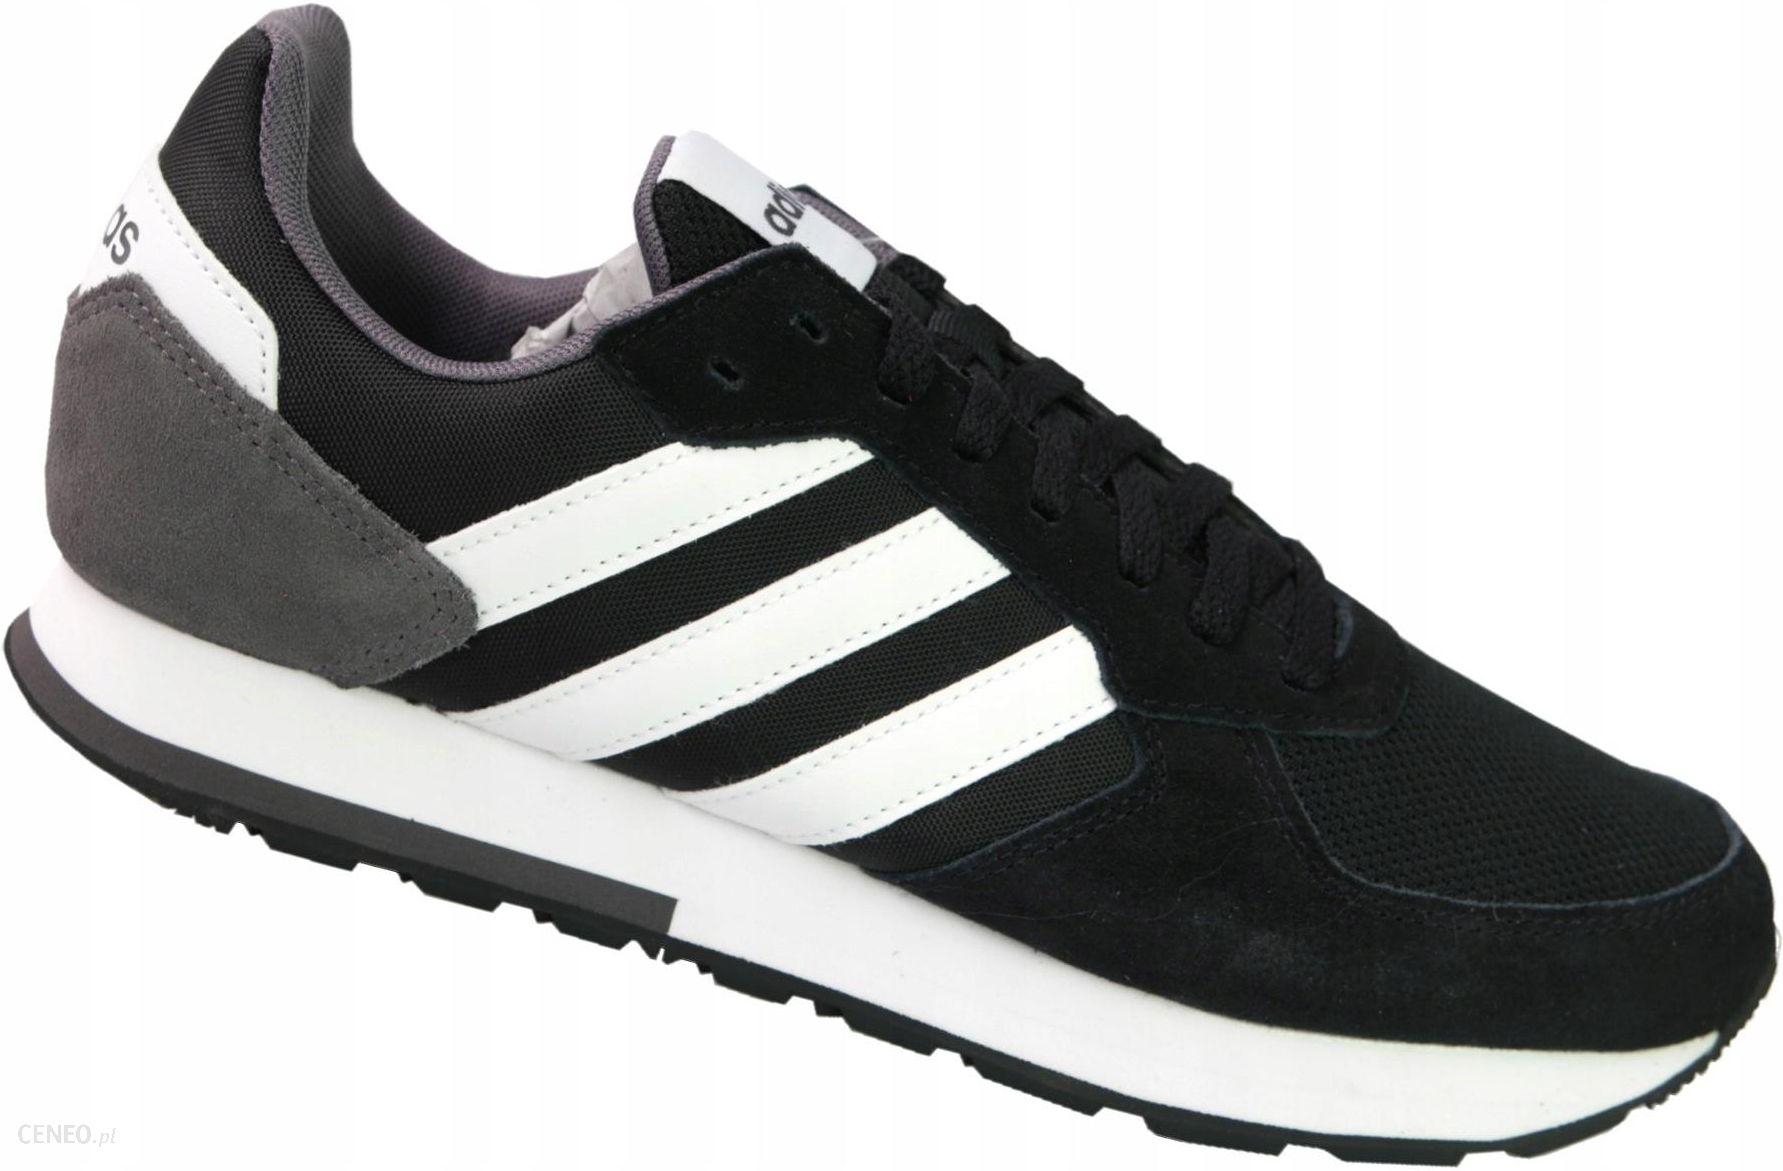 check out e7064 3f7be adidas buty 8K B44650 rozmiar 42 - zdjęcie 1